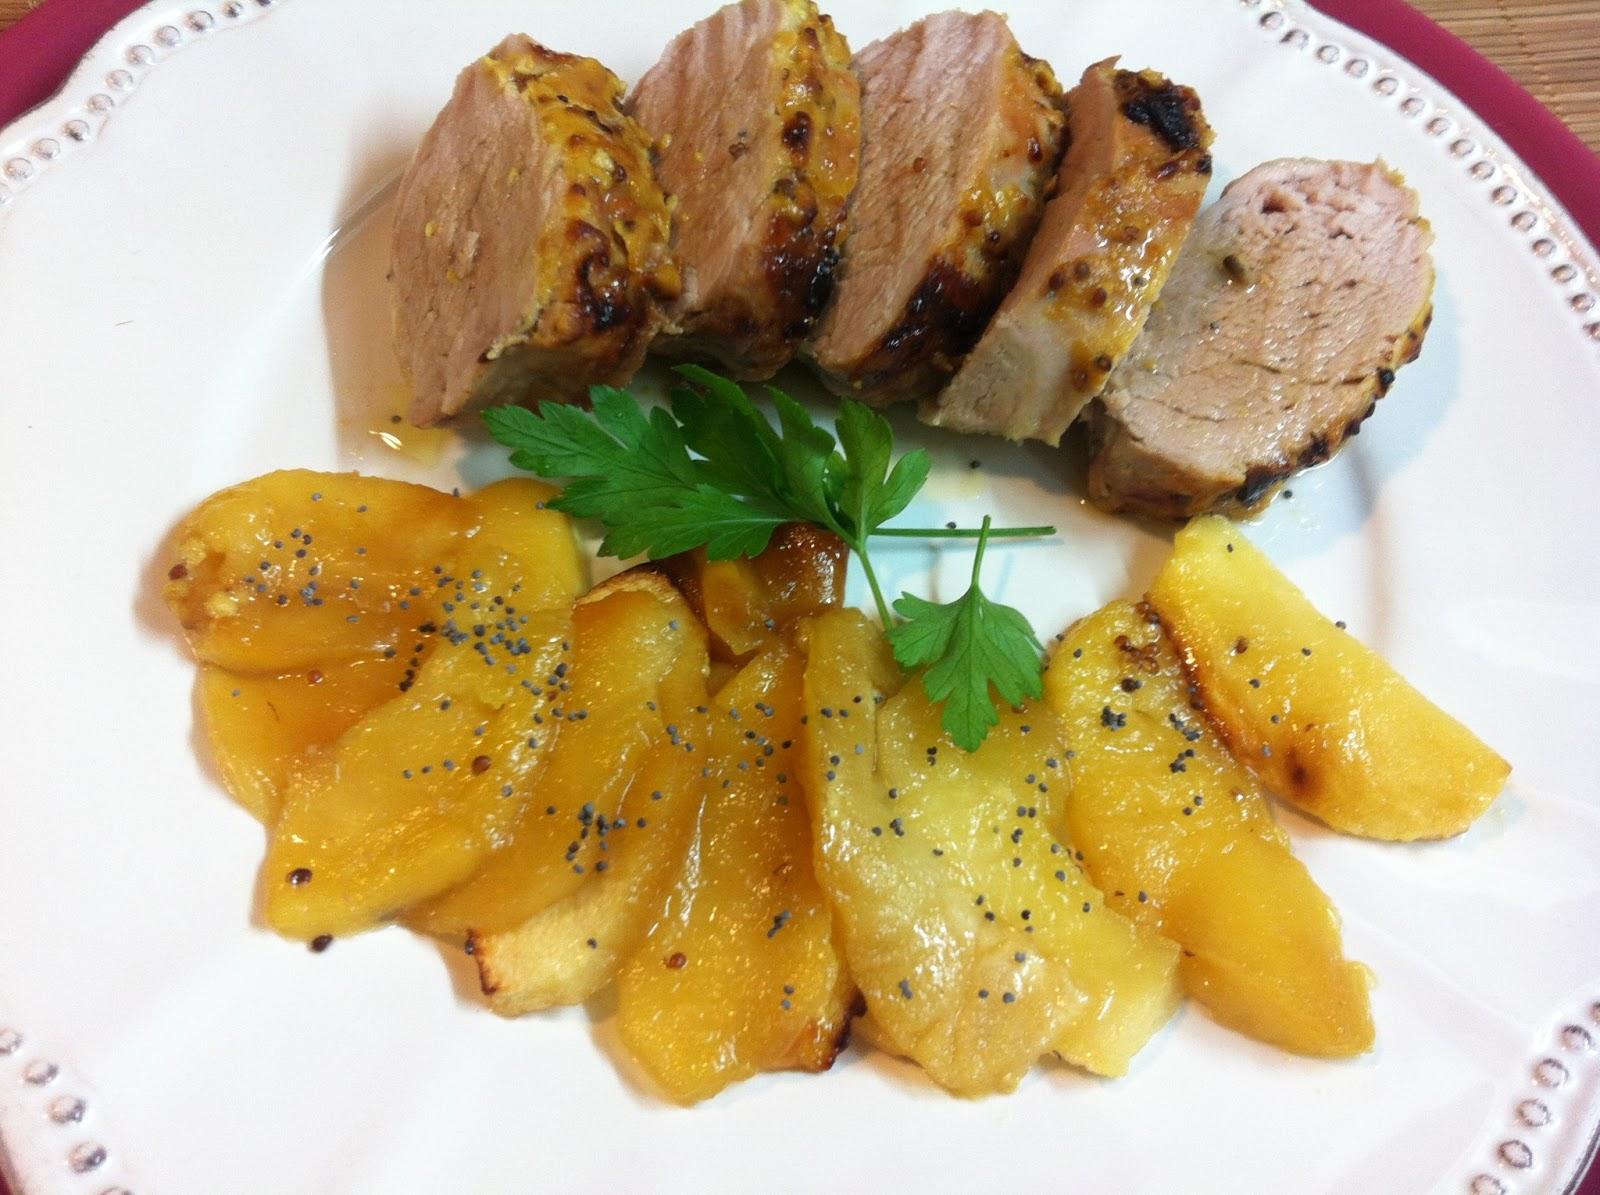 Las recetas de martuka solomillo de cerdo con mostaza y miel - Solomillo de ternera al horno con mostaza ...